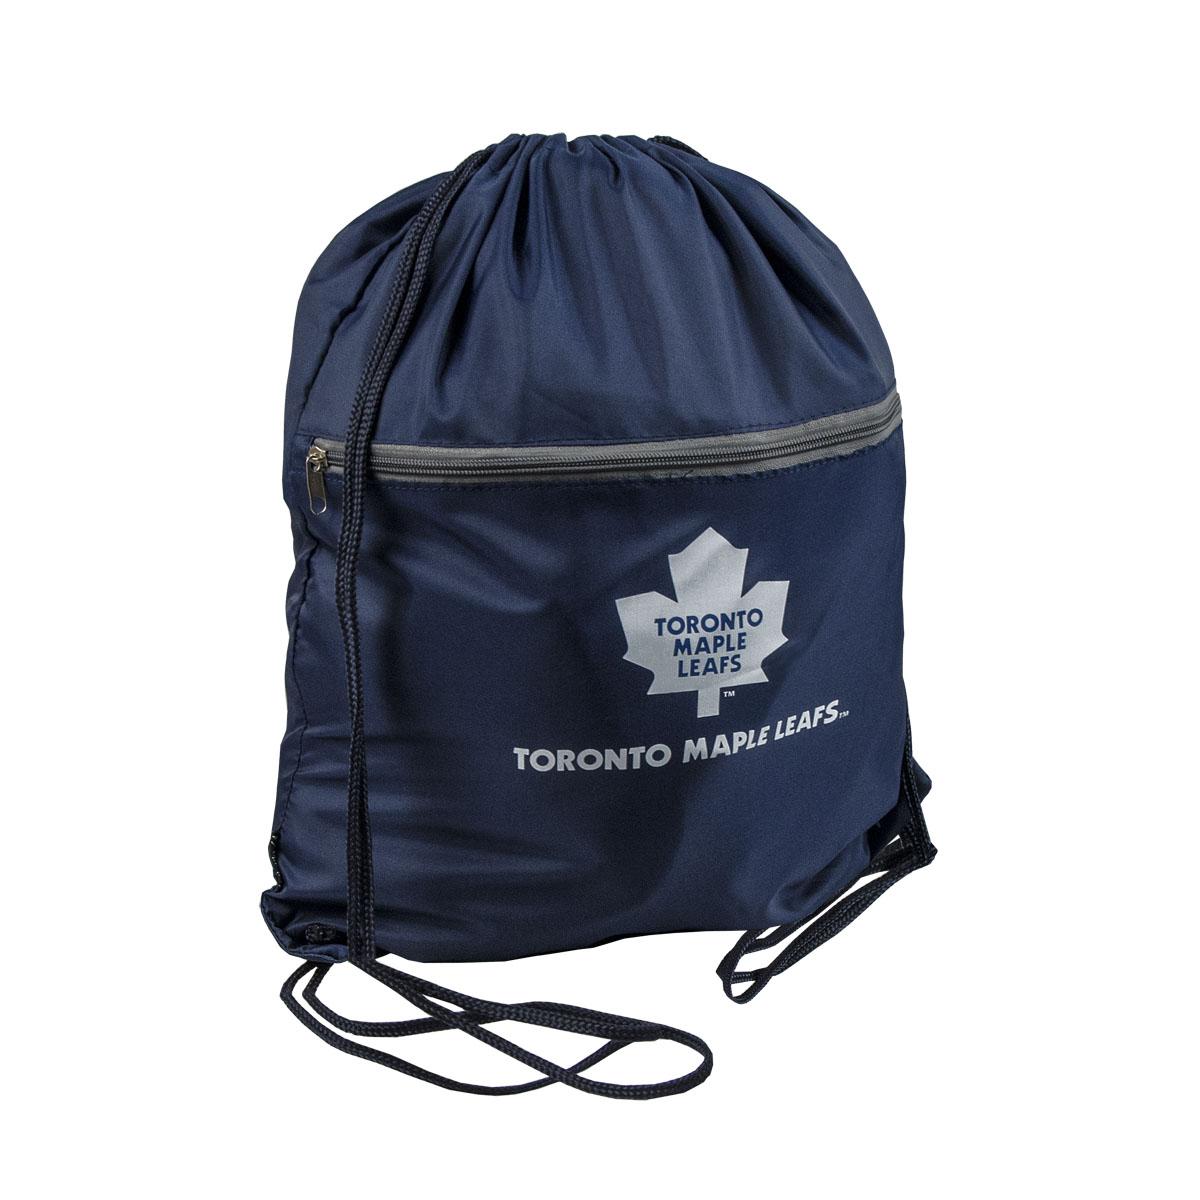 Мешок на шнурке NHL Maple Leafs, цвет: синий, 15 л58022Мешок на шнурке NHL Maple Leafs выполнен из 100% полиэстера. Он выполняет функции рюкзака, благодаря плечевым лямкам, которые надежно фиксируют изделие у его верхнего основания. Мешок имеет 2 отделения, одно из которых закрывается на молнию. Украшен эмблемой хоккейной команды Maple Leafs.